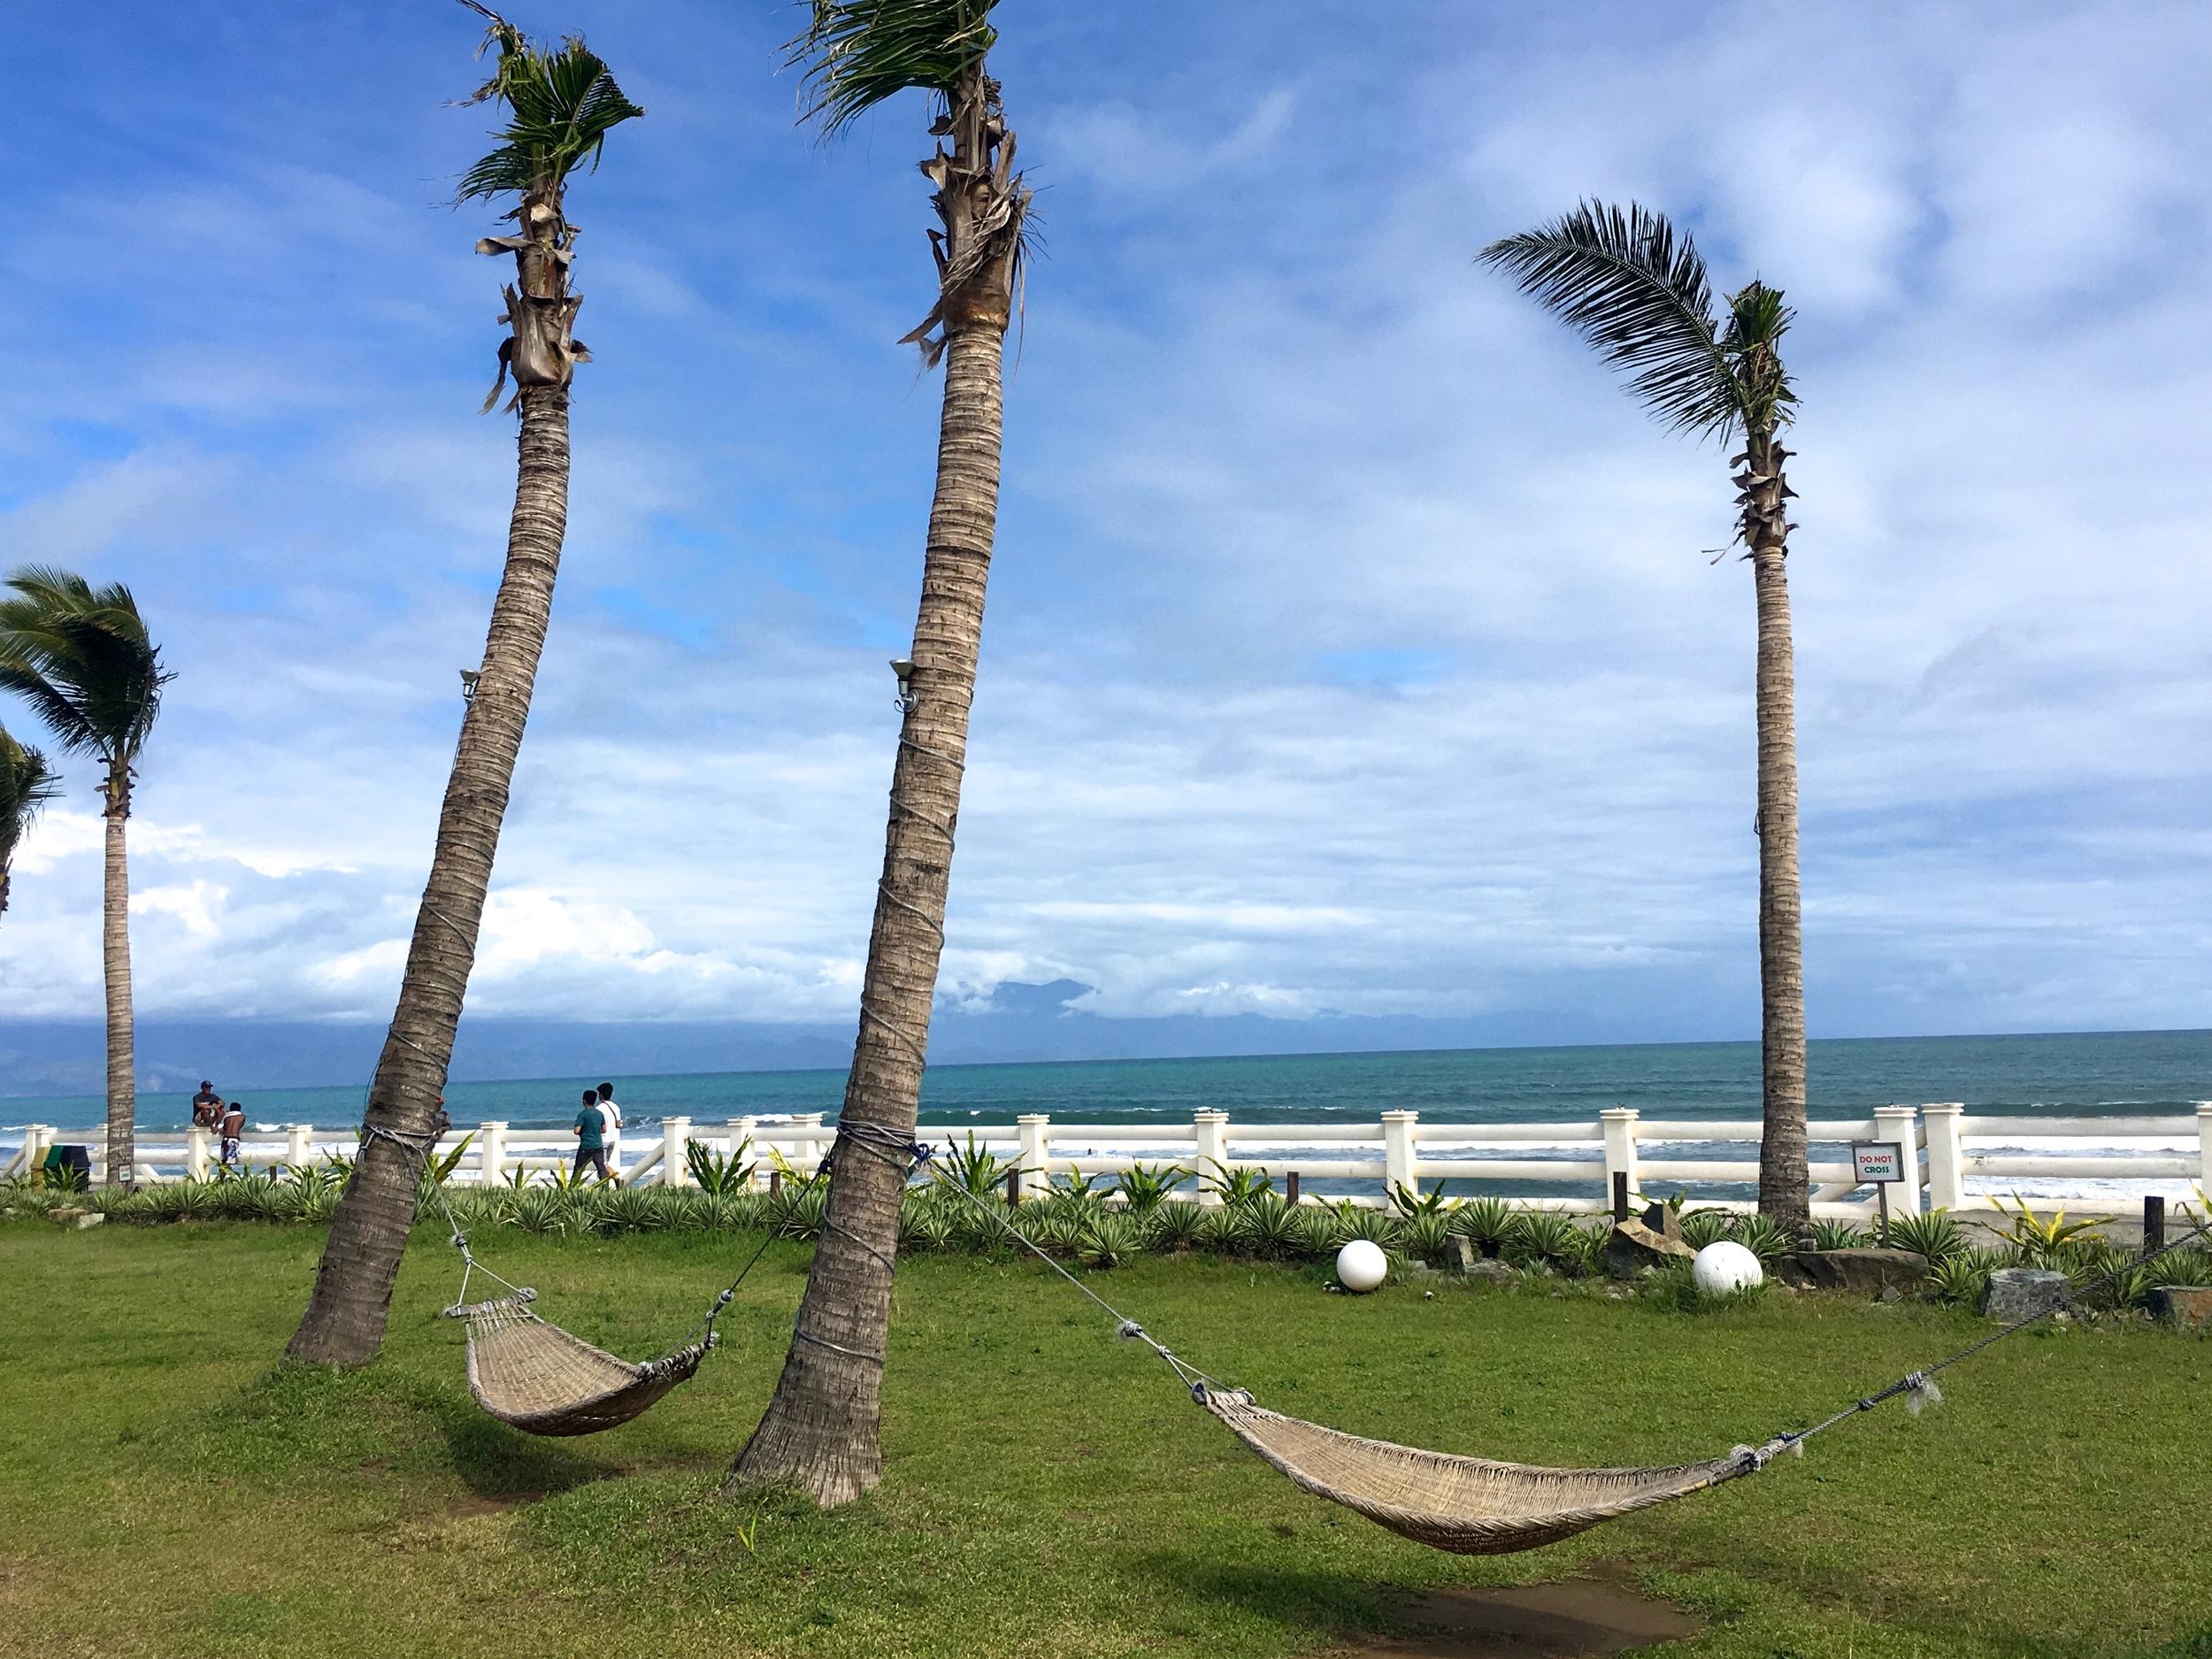 Beachfront gardens at Costa Pacifica. Dreamy!